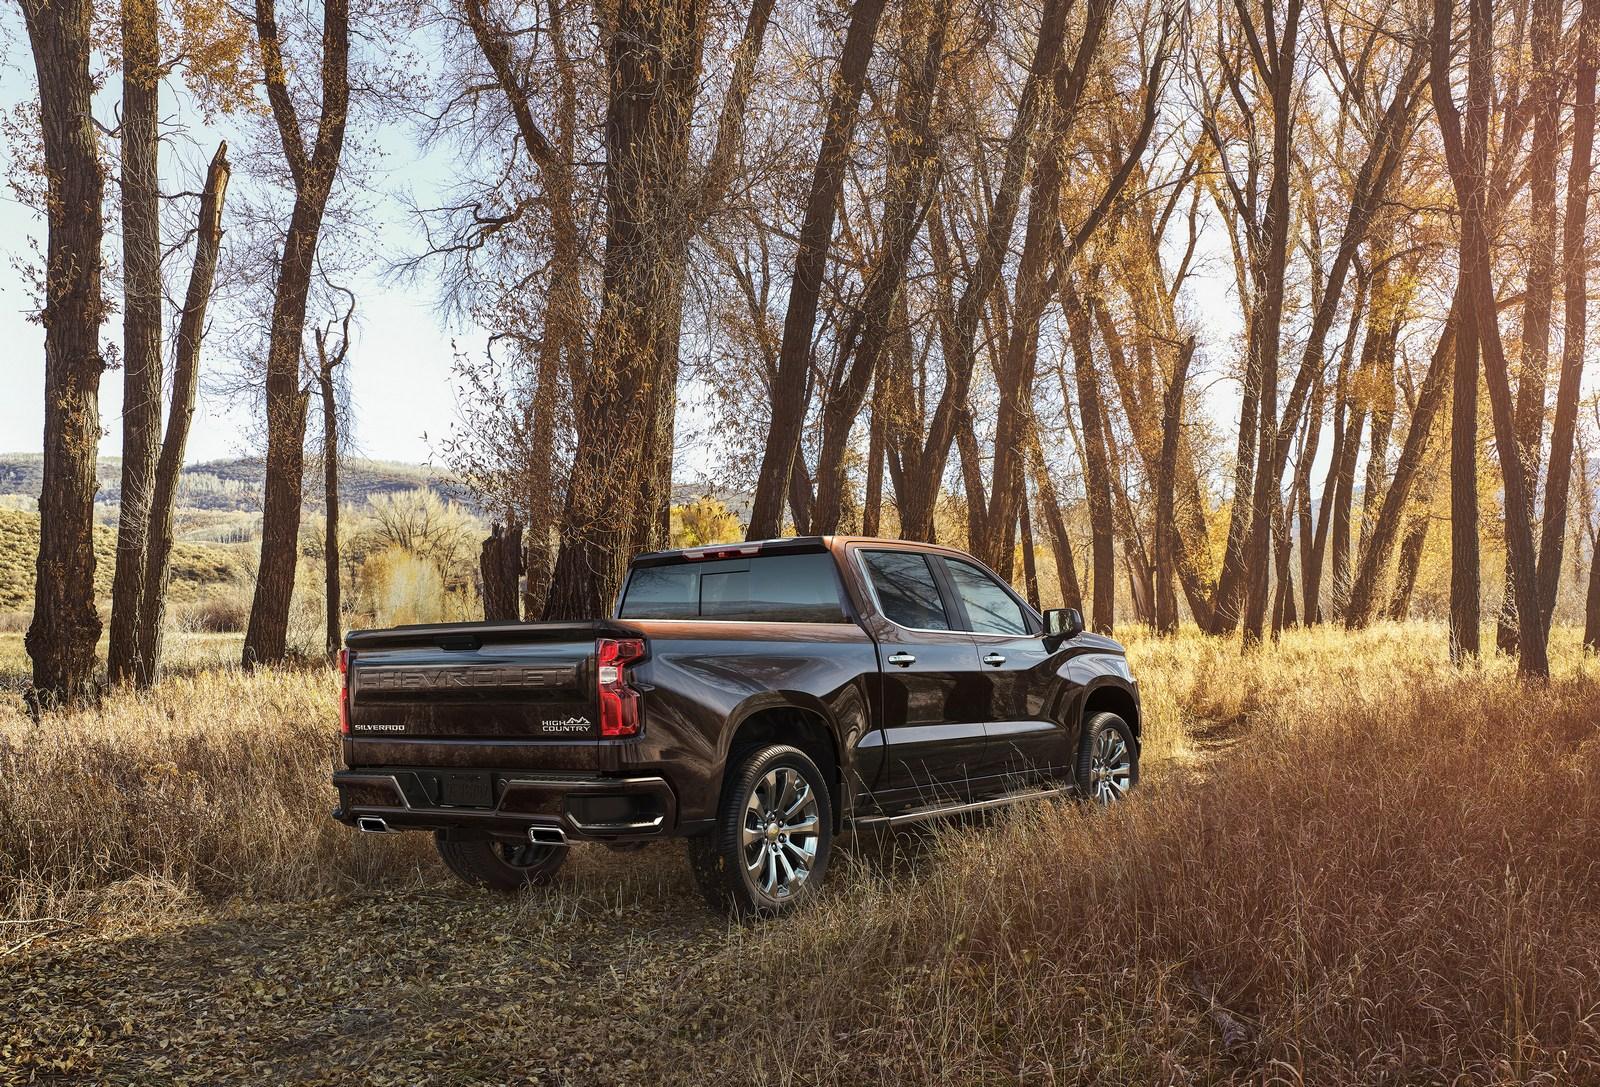 2019 Chevrolet Silverado Engine Range Includes 3 0 Liter Inline 6 Duramax Diesel Autoevolution